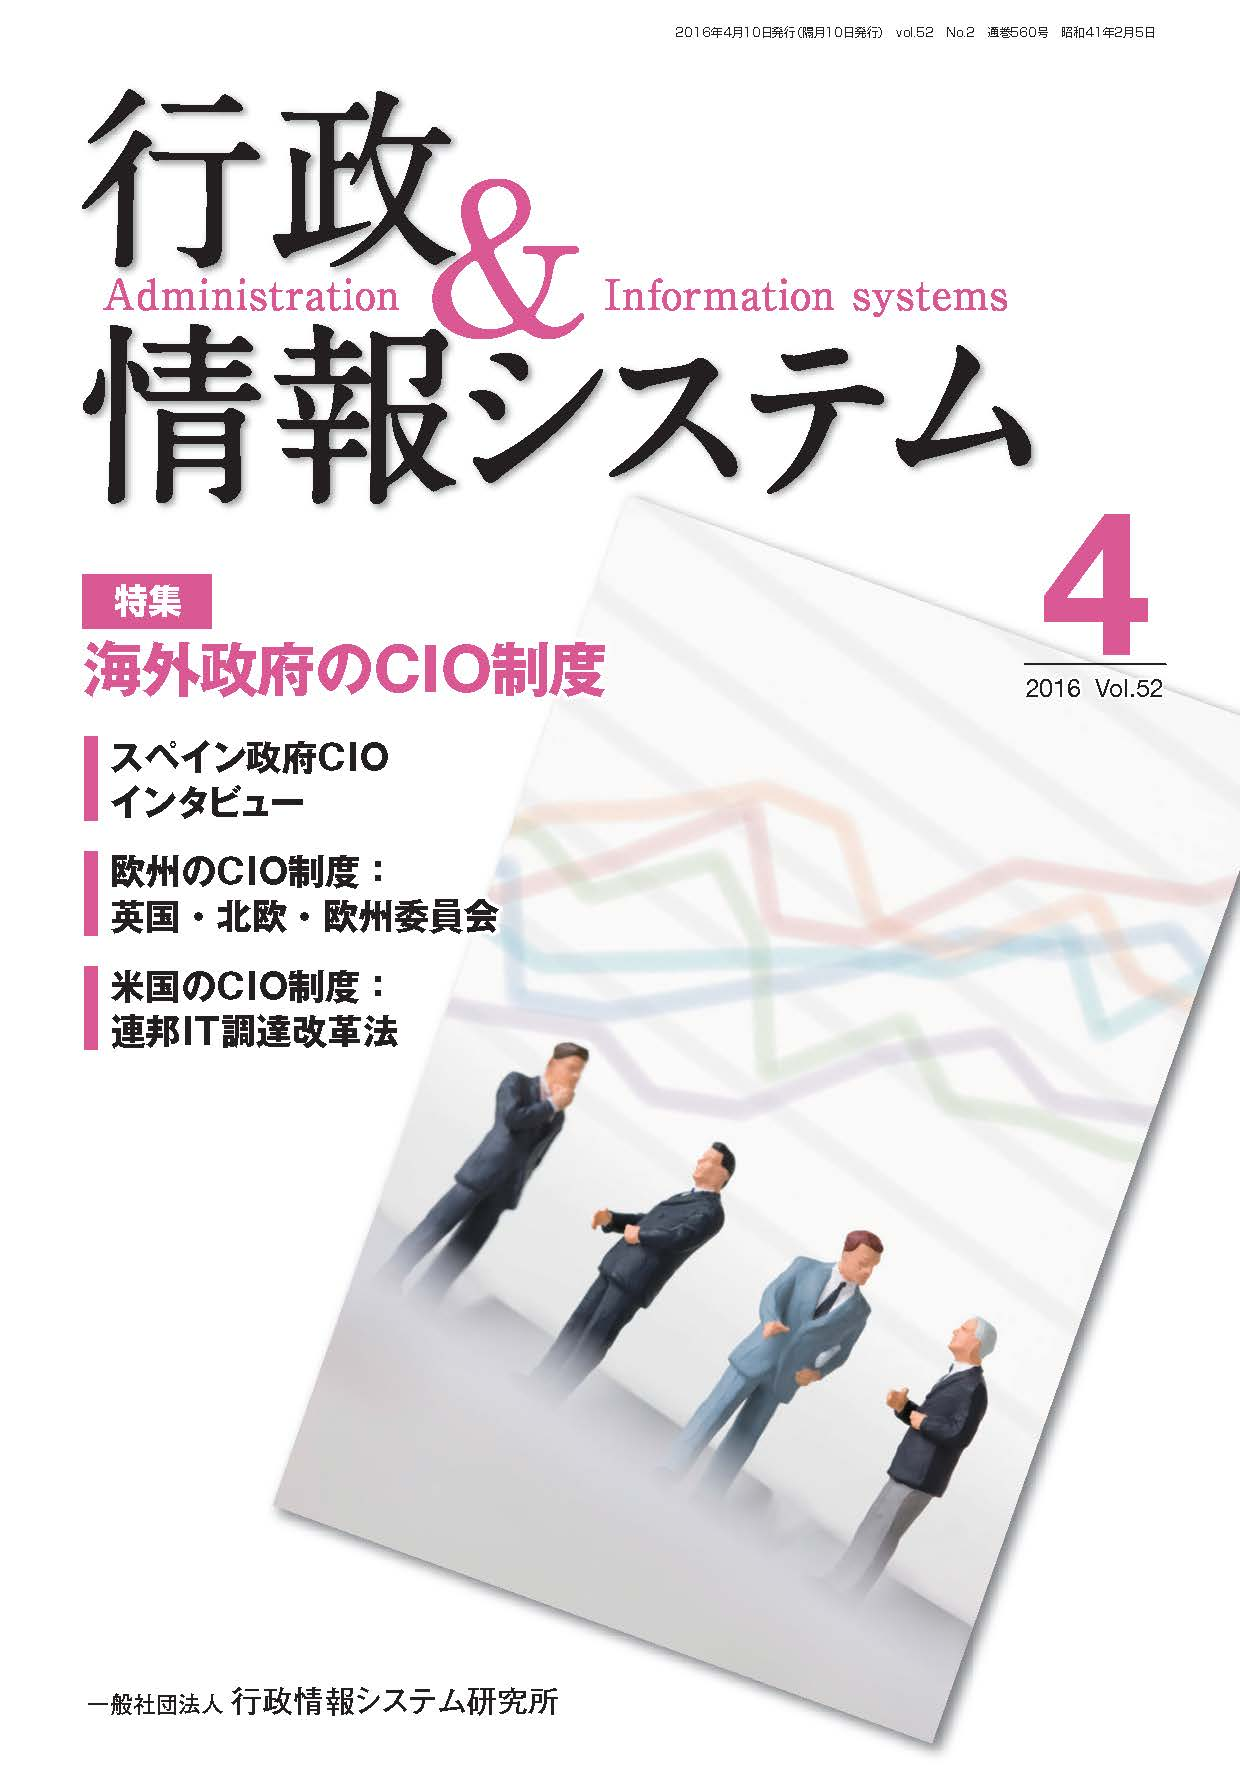 2016年刊行分 4月号